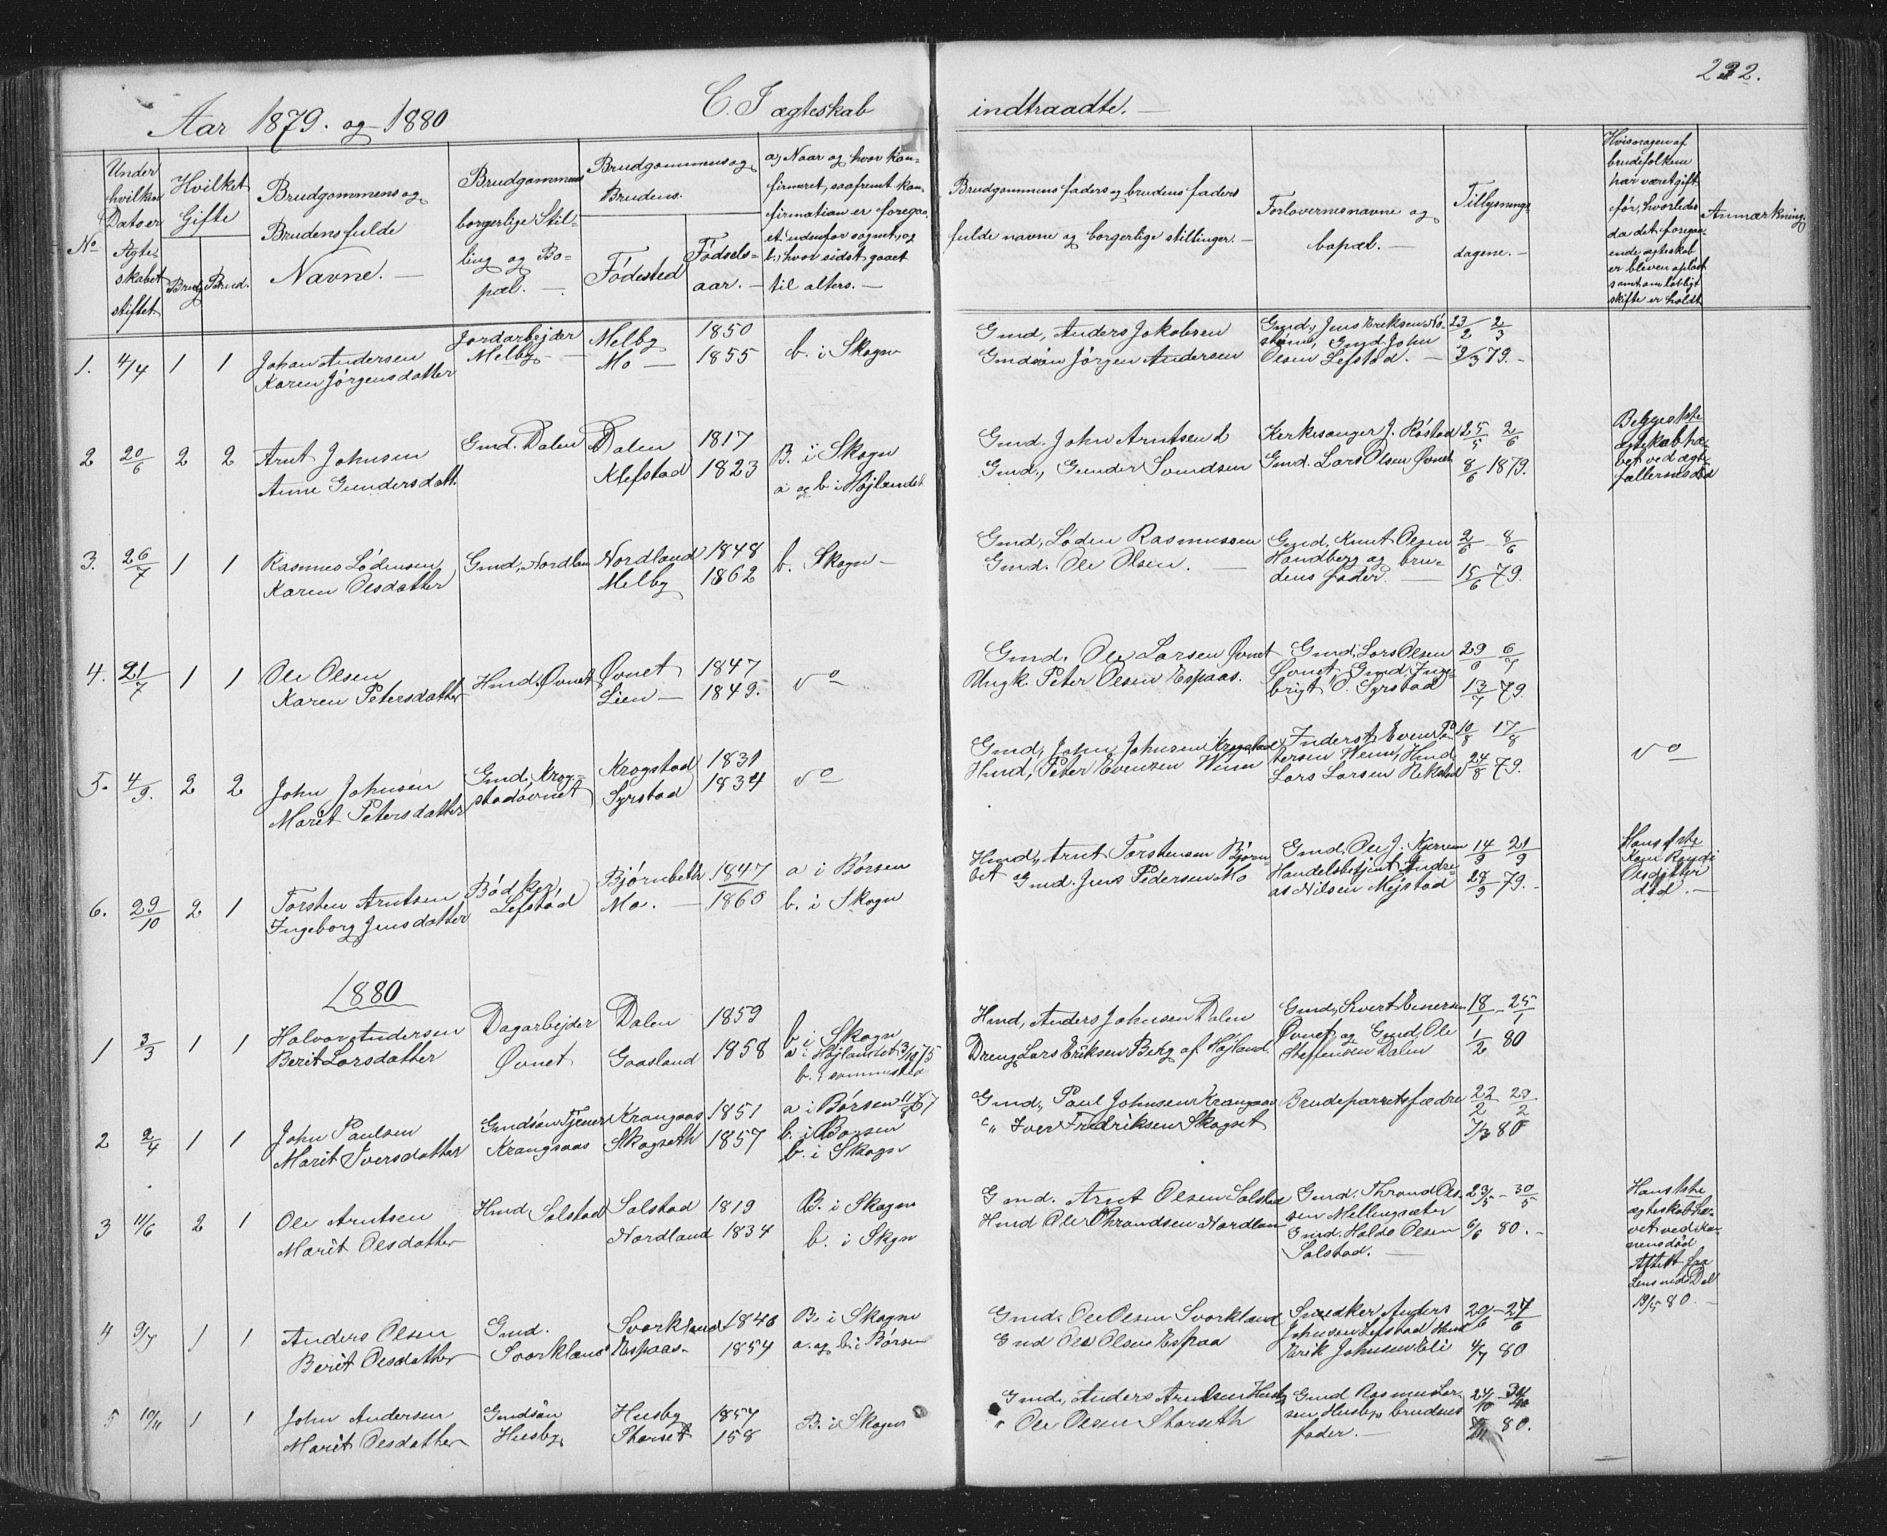 SAT, Ministerialprotokoller, klokkerbøker og fødselsregistre - Sør-Trøndelag, 667/L0798: Klokkerbok nr. 667C03, 1867-1929, s. 232